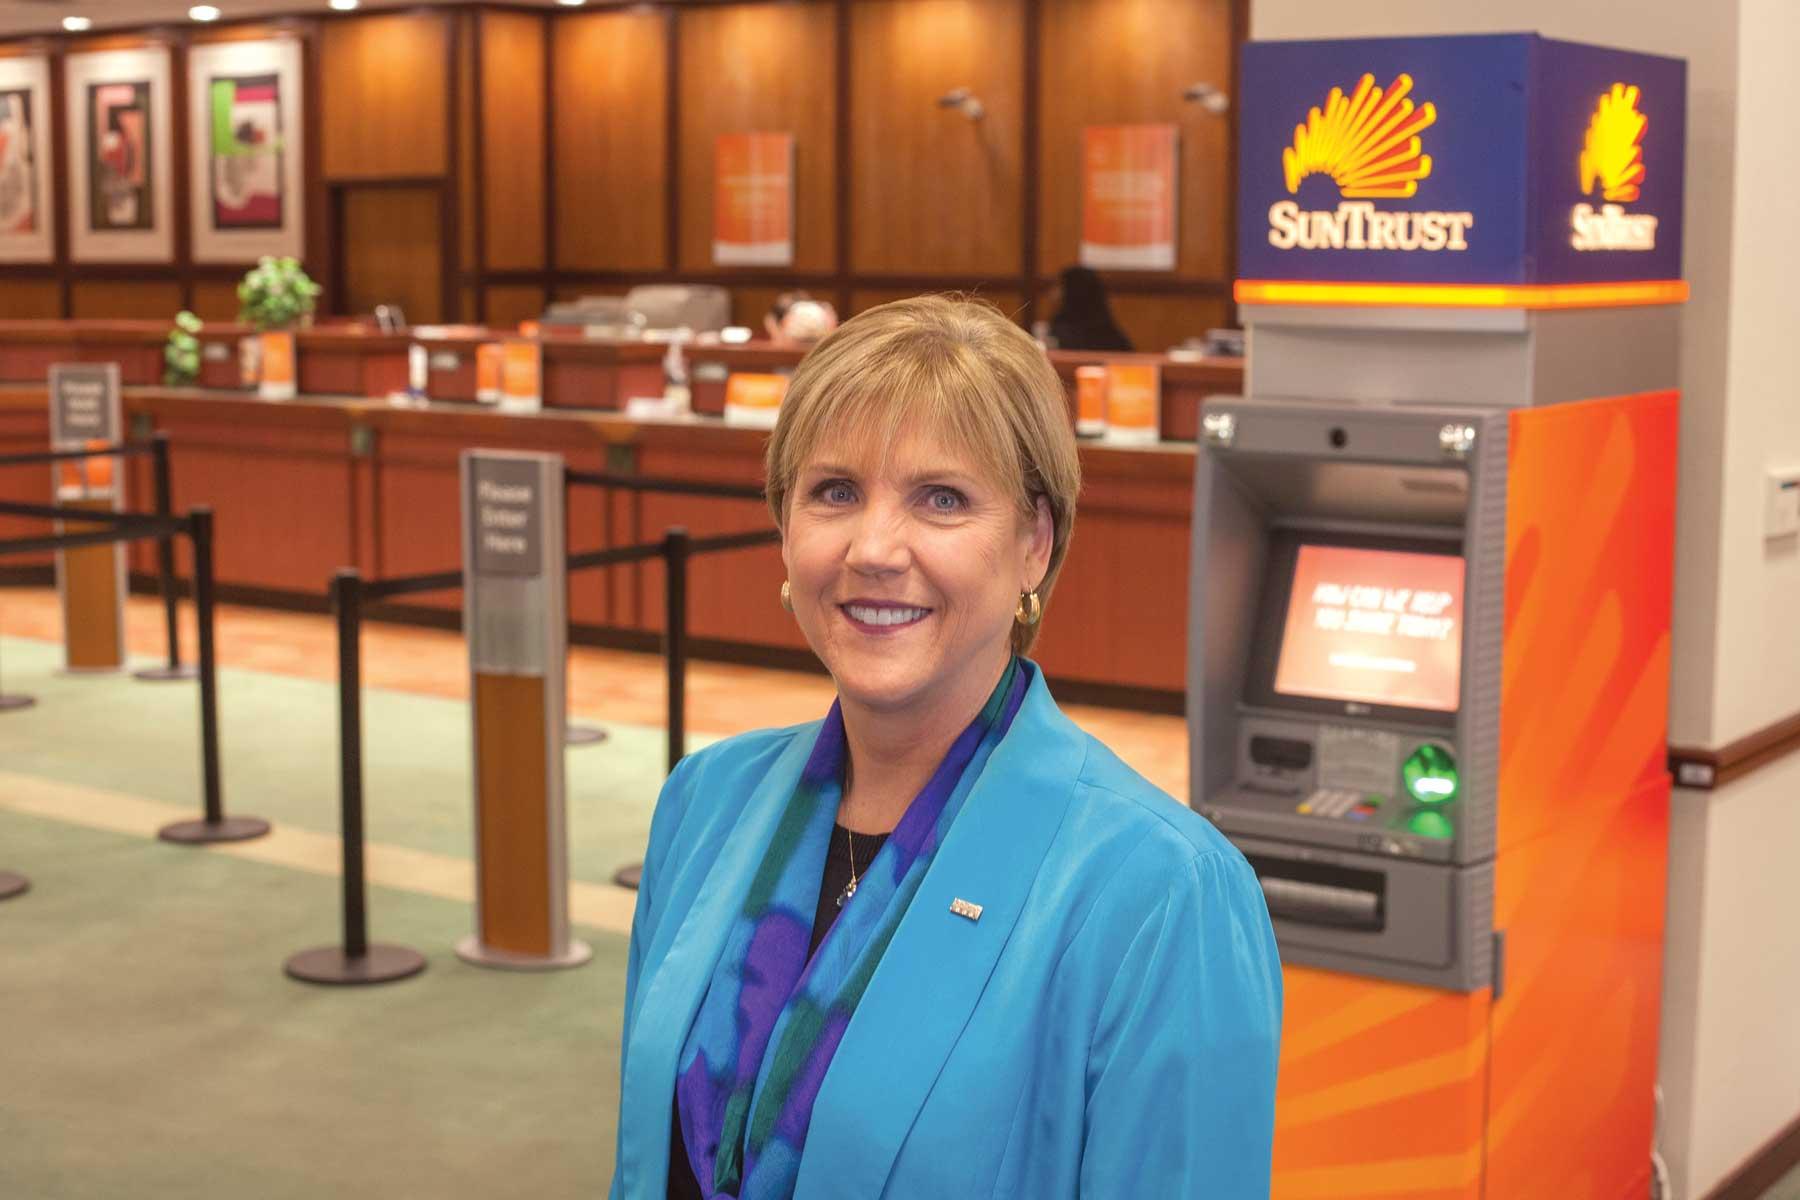 Profile: Margaret Callihan